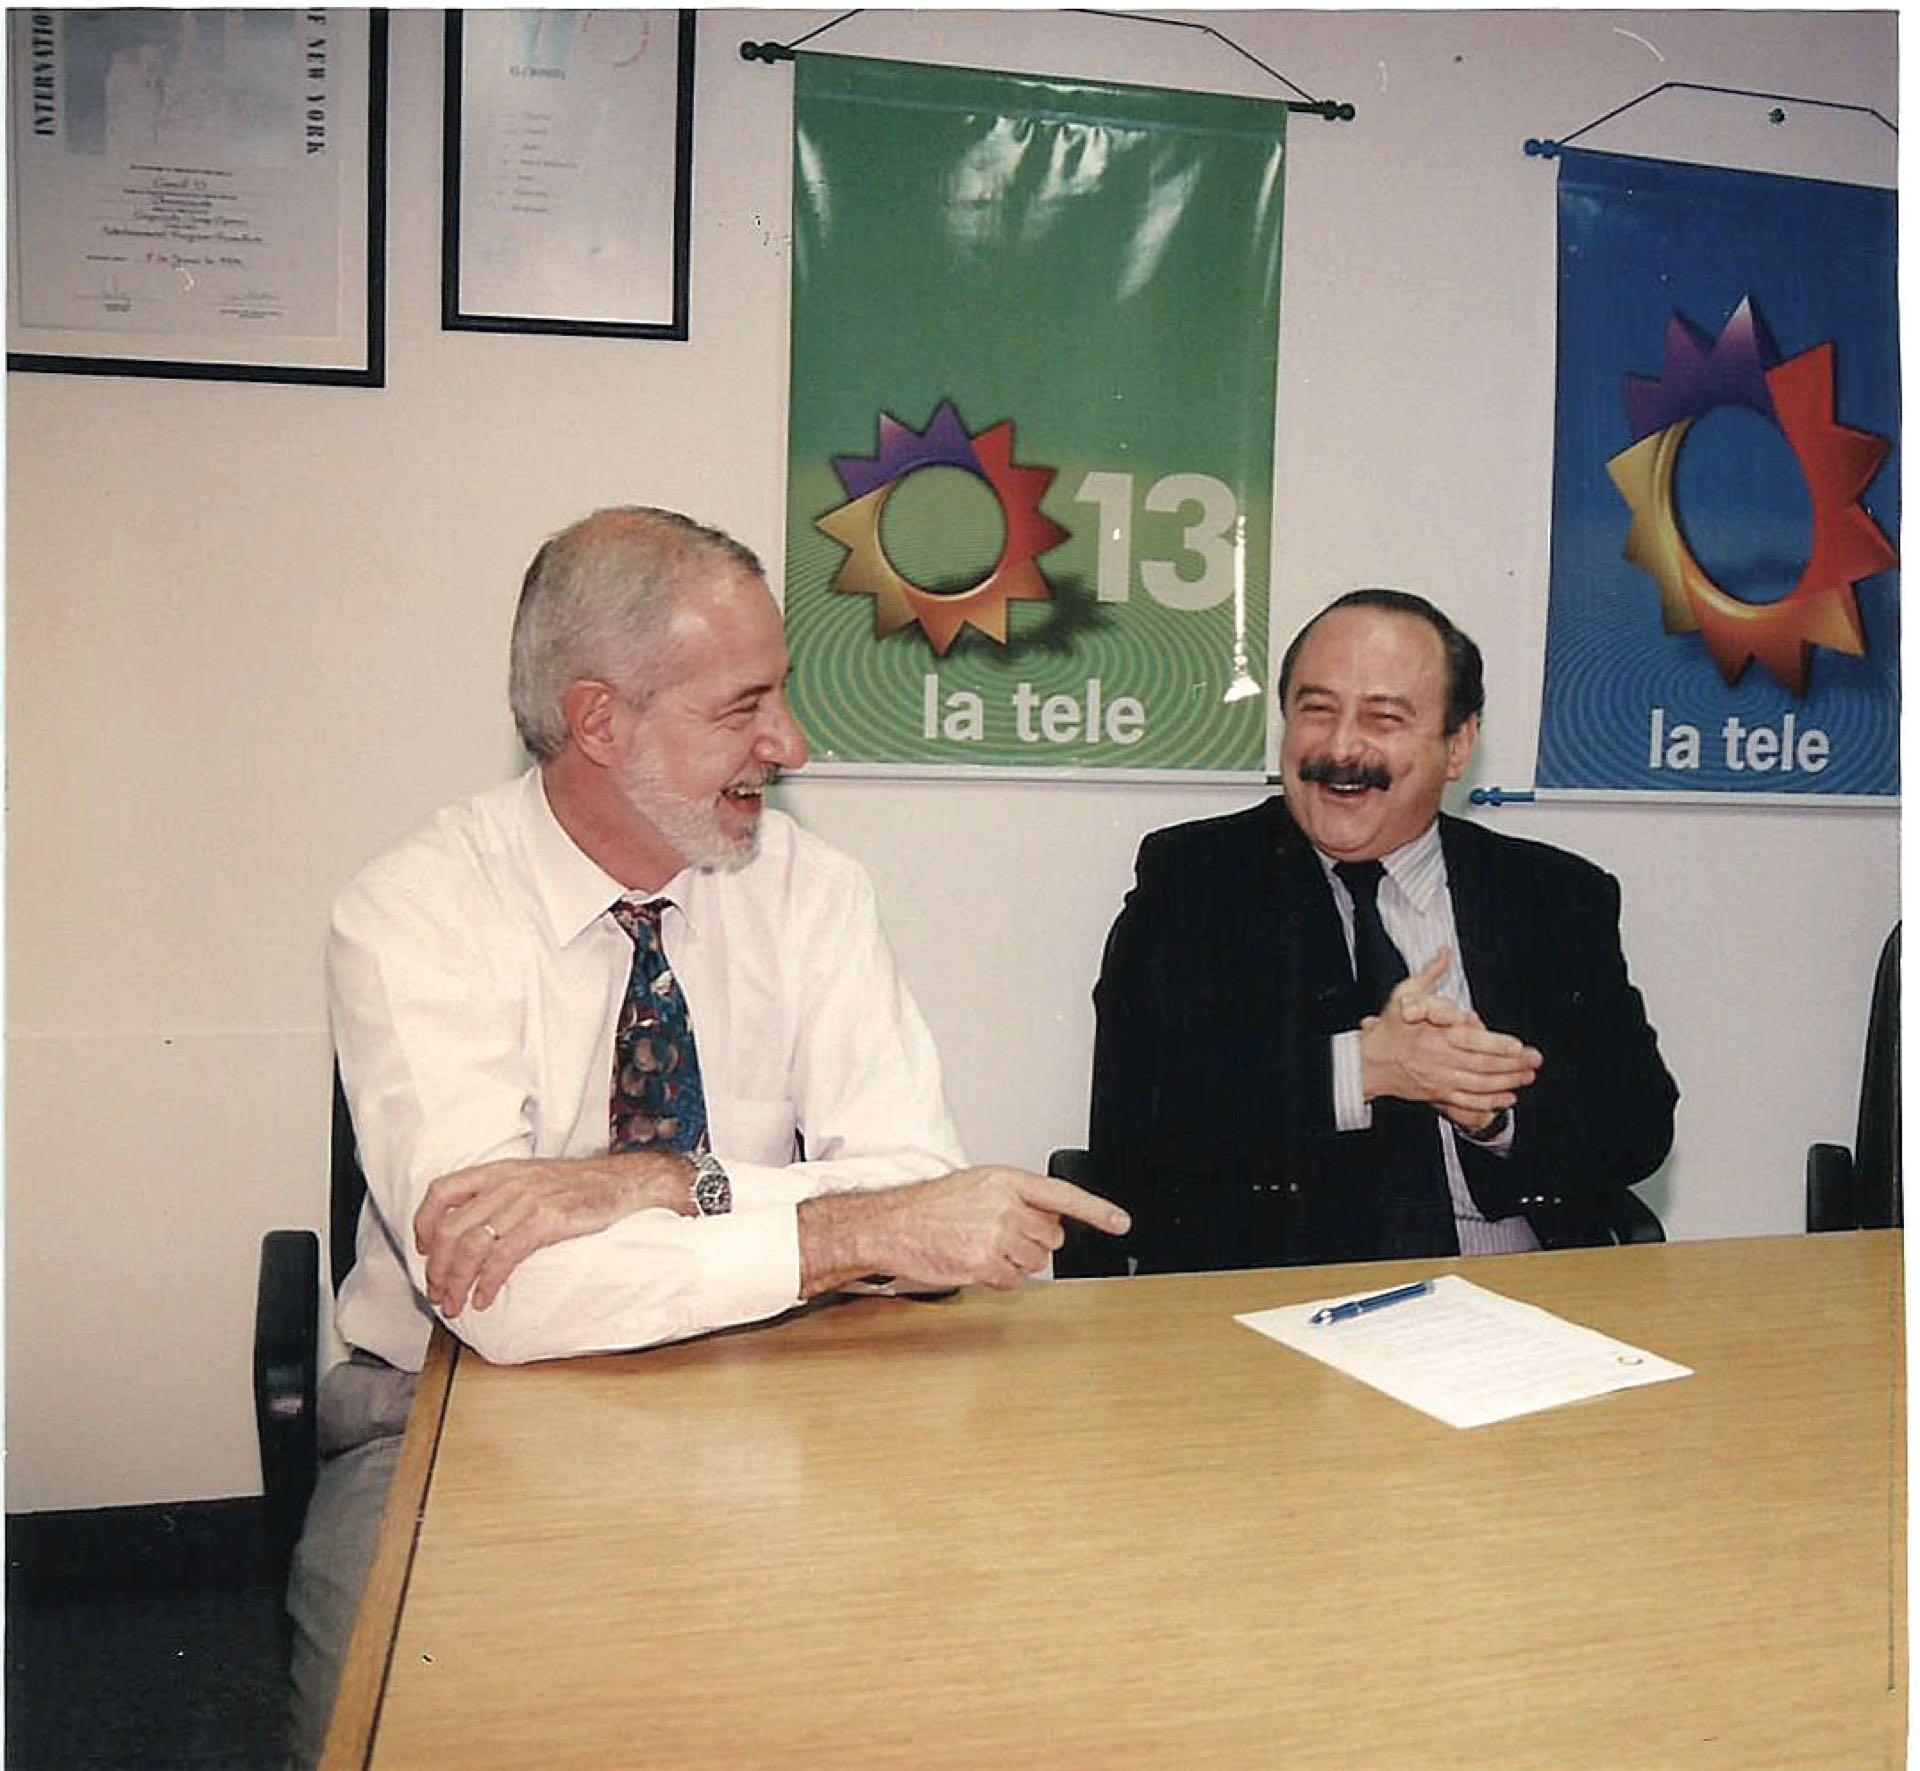 Firmando un contrato con Hugo Di Guglielmo, gerente de programación de Canal 13 y luego entrañable amigo. (Foto Archivo GENTE)